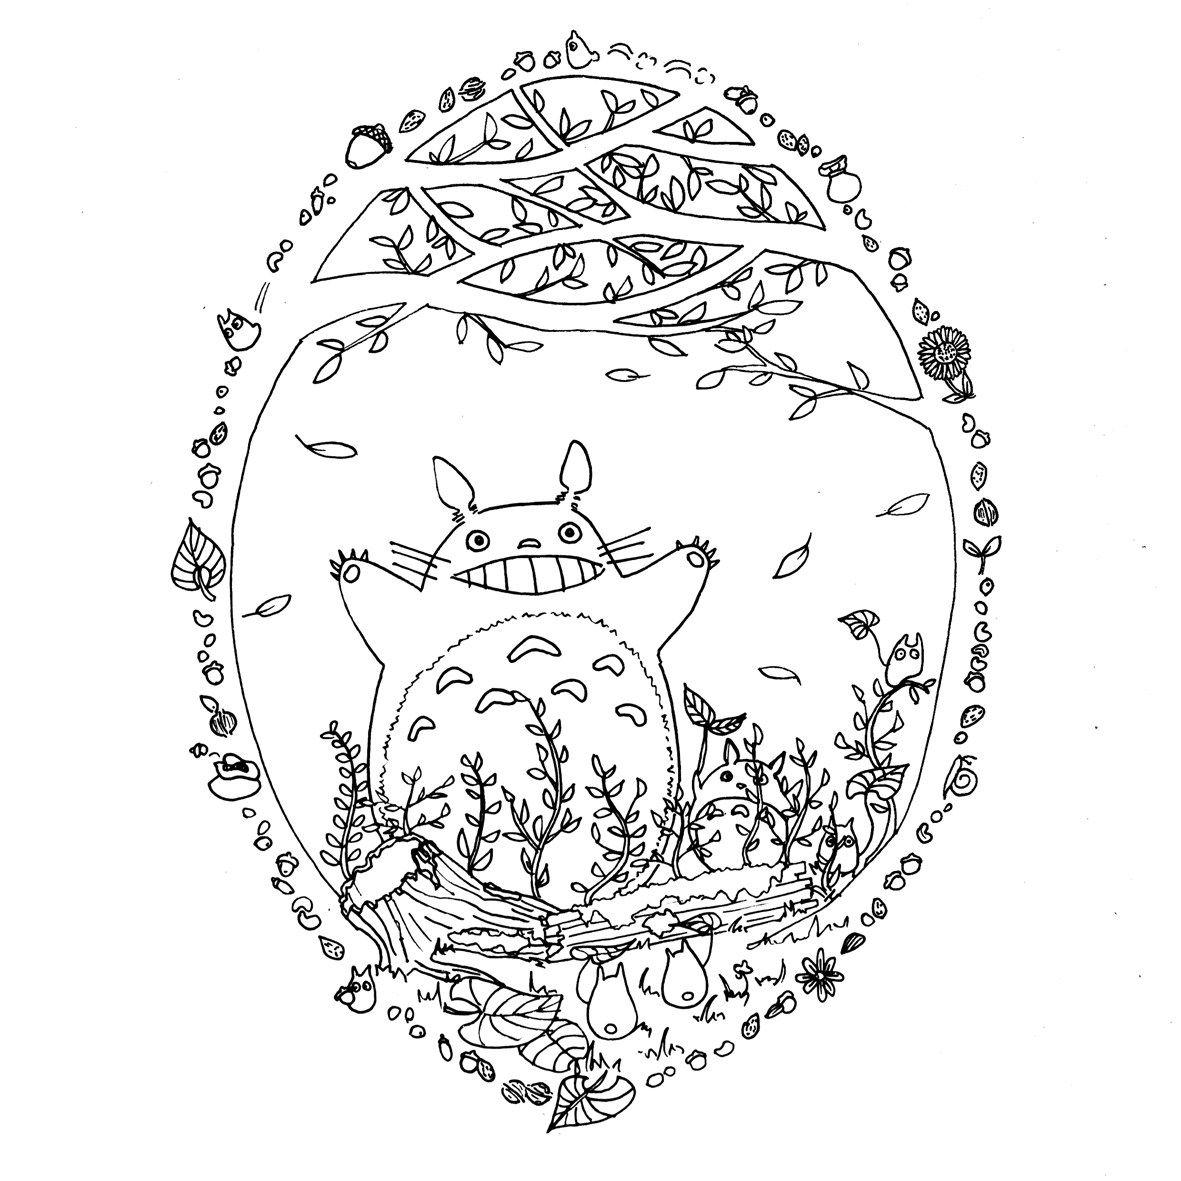 Site pour imprimer des coloriages Totoro par Chocobo | Coloriage totoro, Coloriage, Totoro